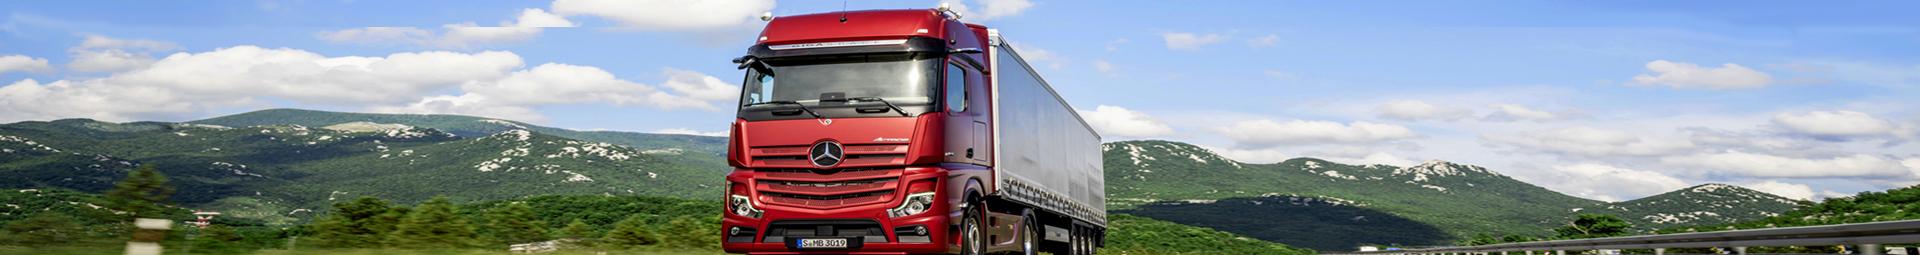 Метка: грузовые автомобили